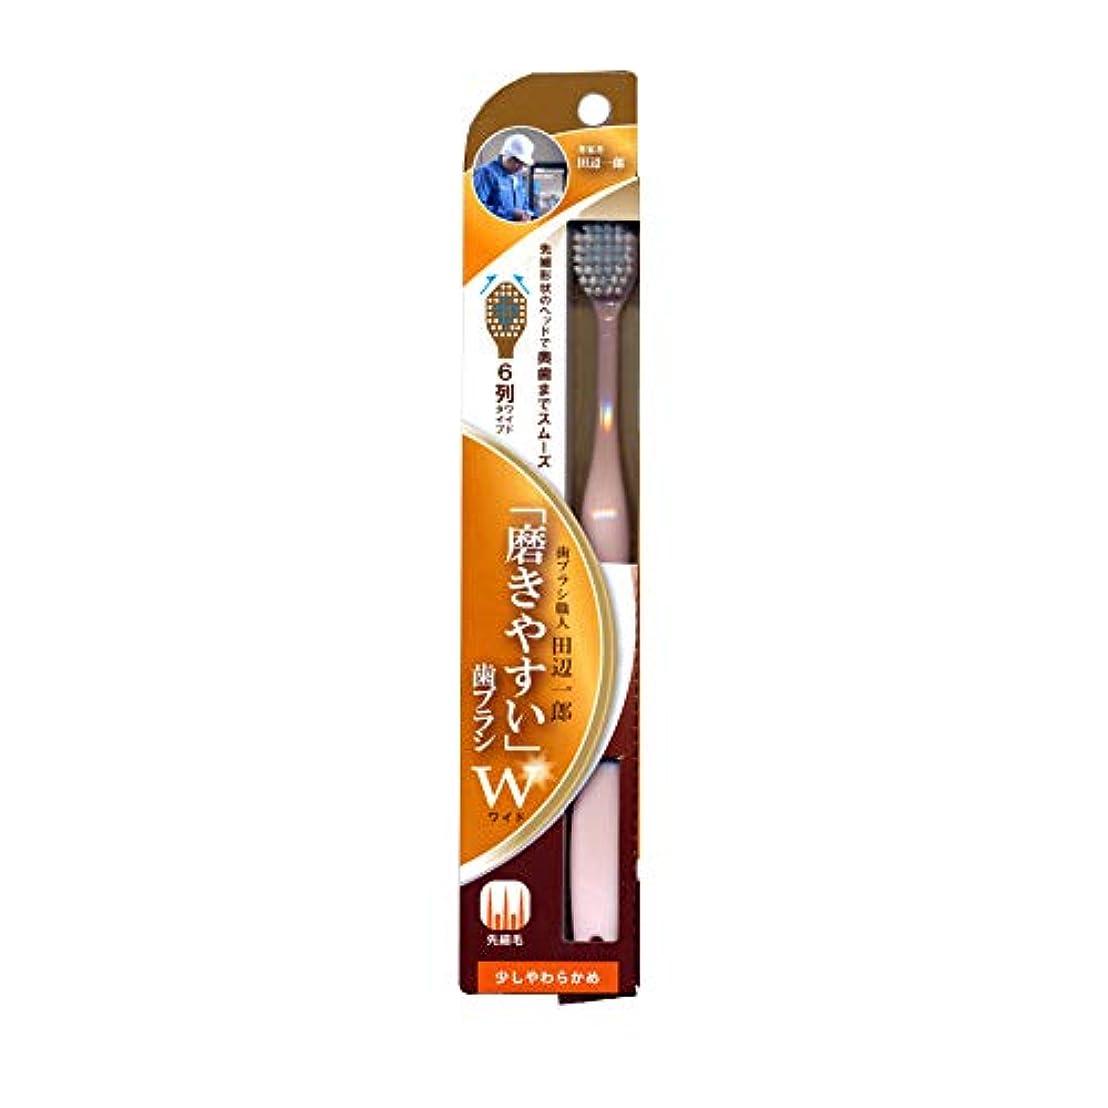 入り口スリル気取らない磨きやすい歯ブラシ 6列ワイドタイプ LT-46 少し柔らかめ (色選択不可)(先細毛)